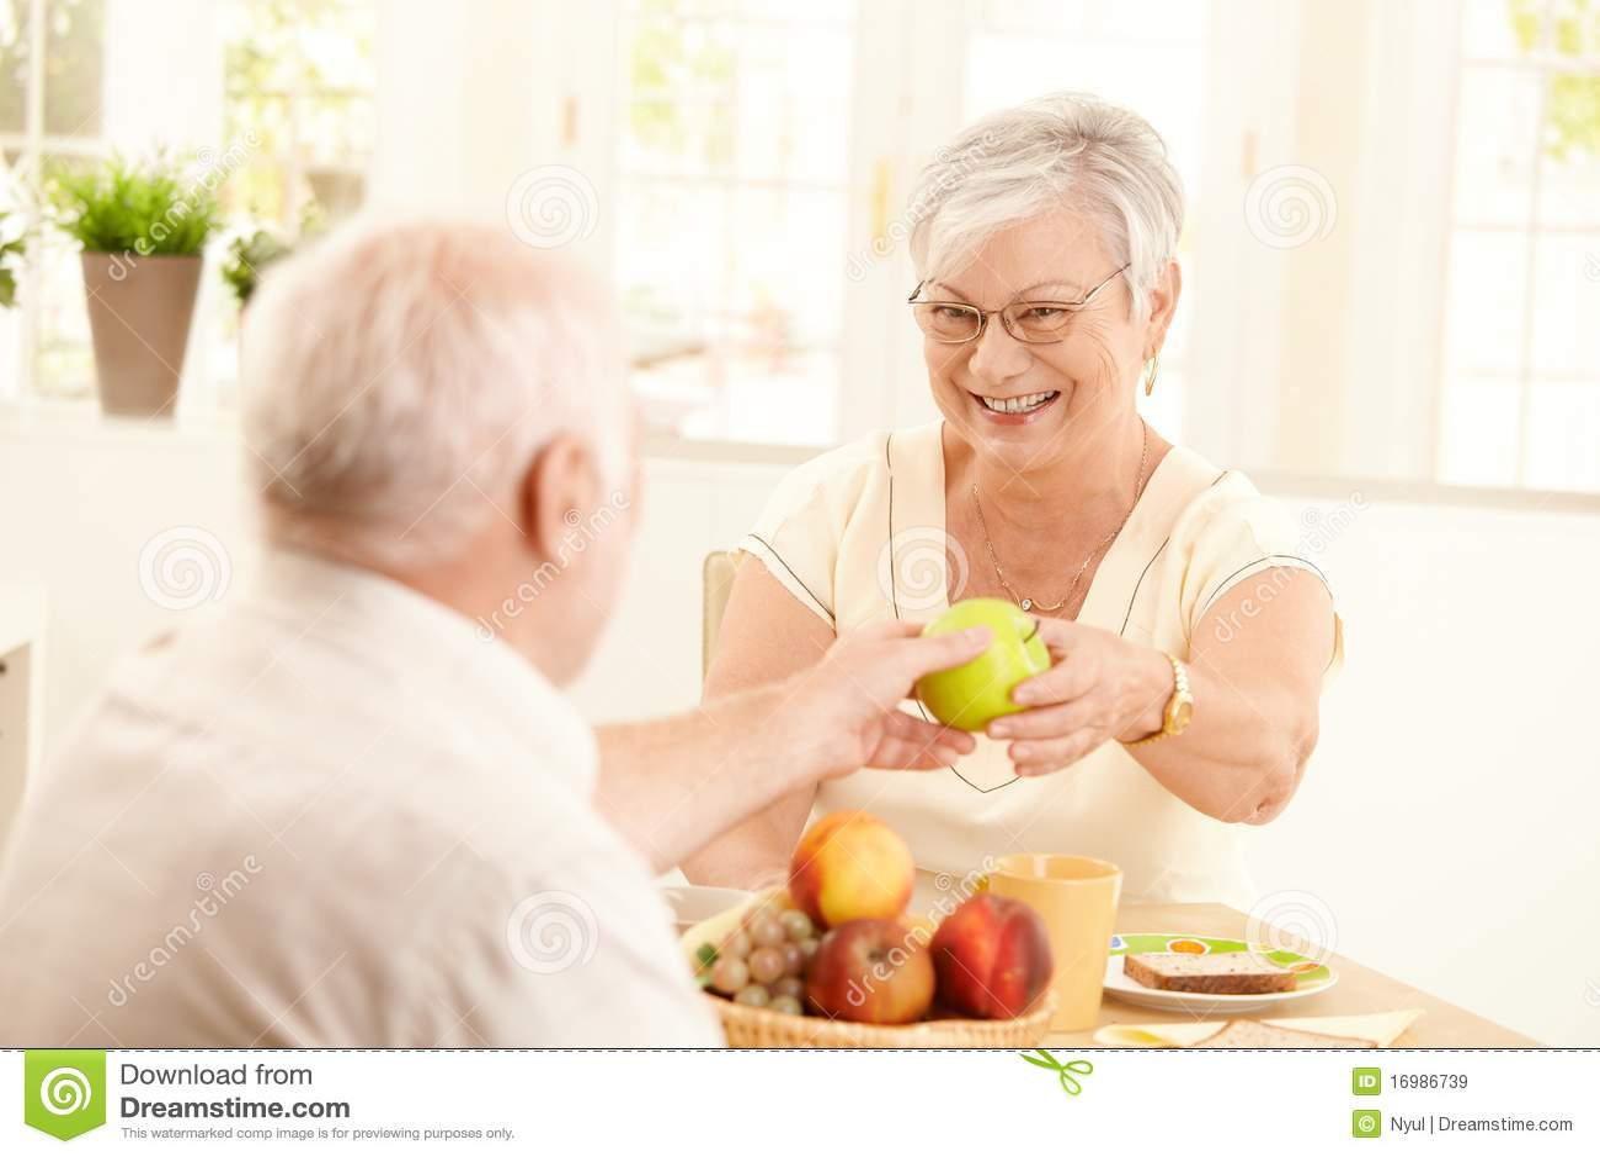 Lachende hogere vrouw die appel van echtgenoot krijgt